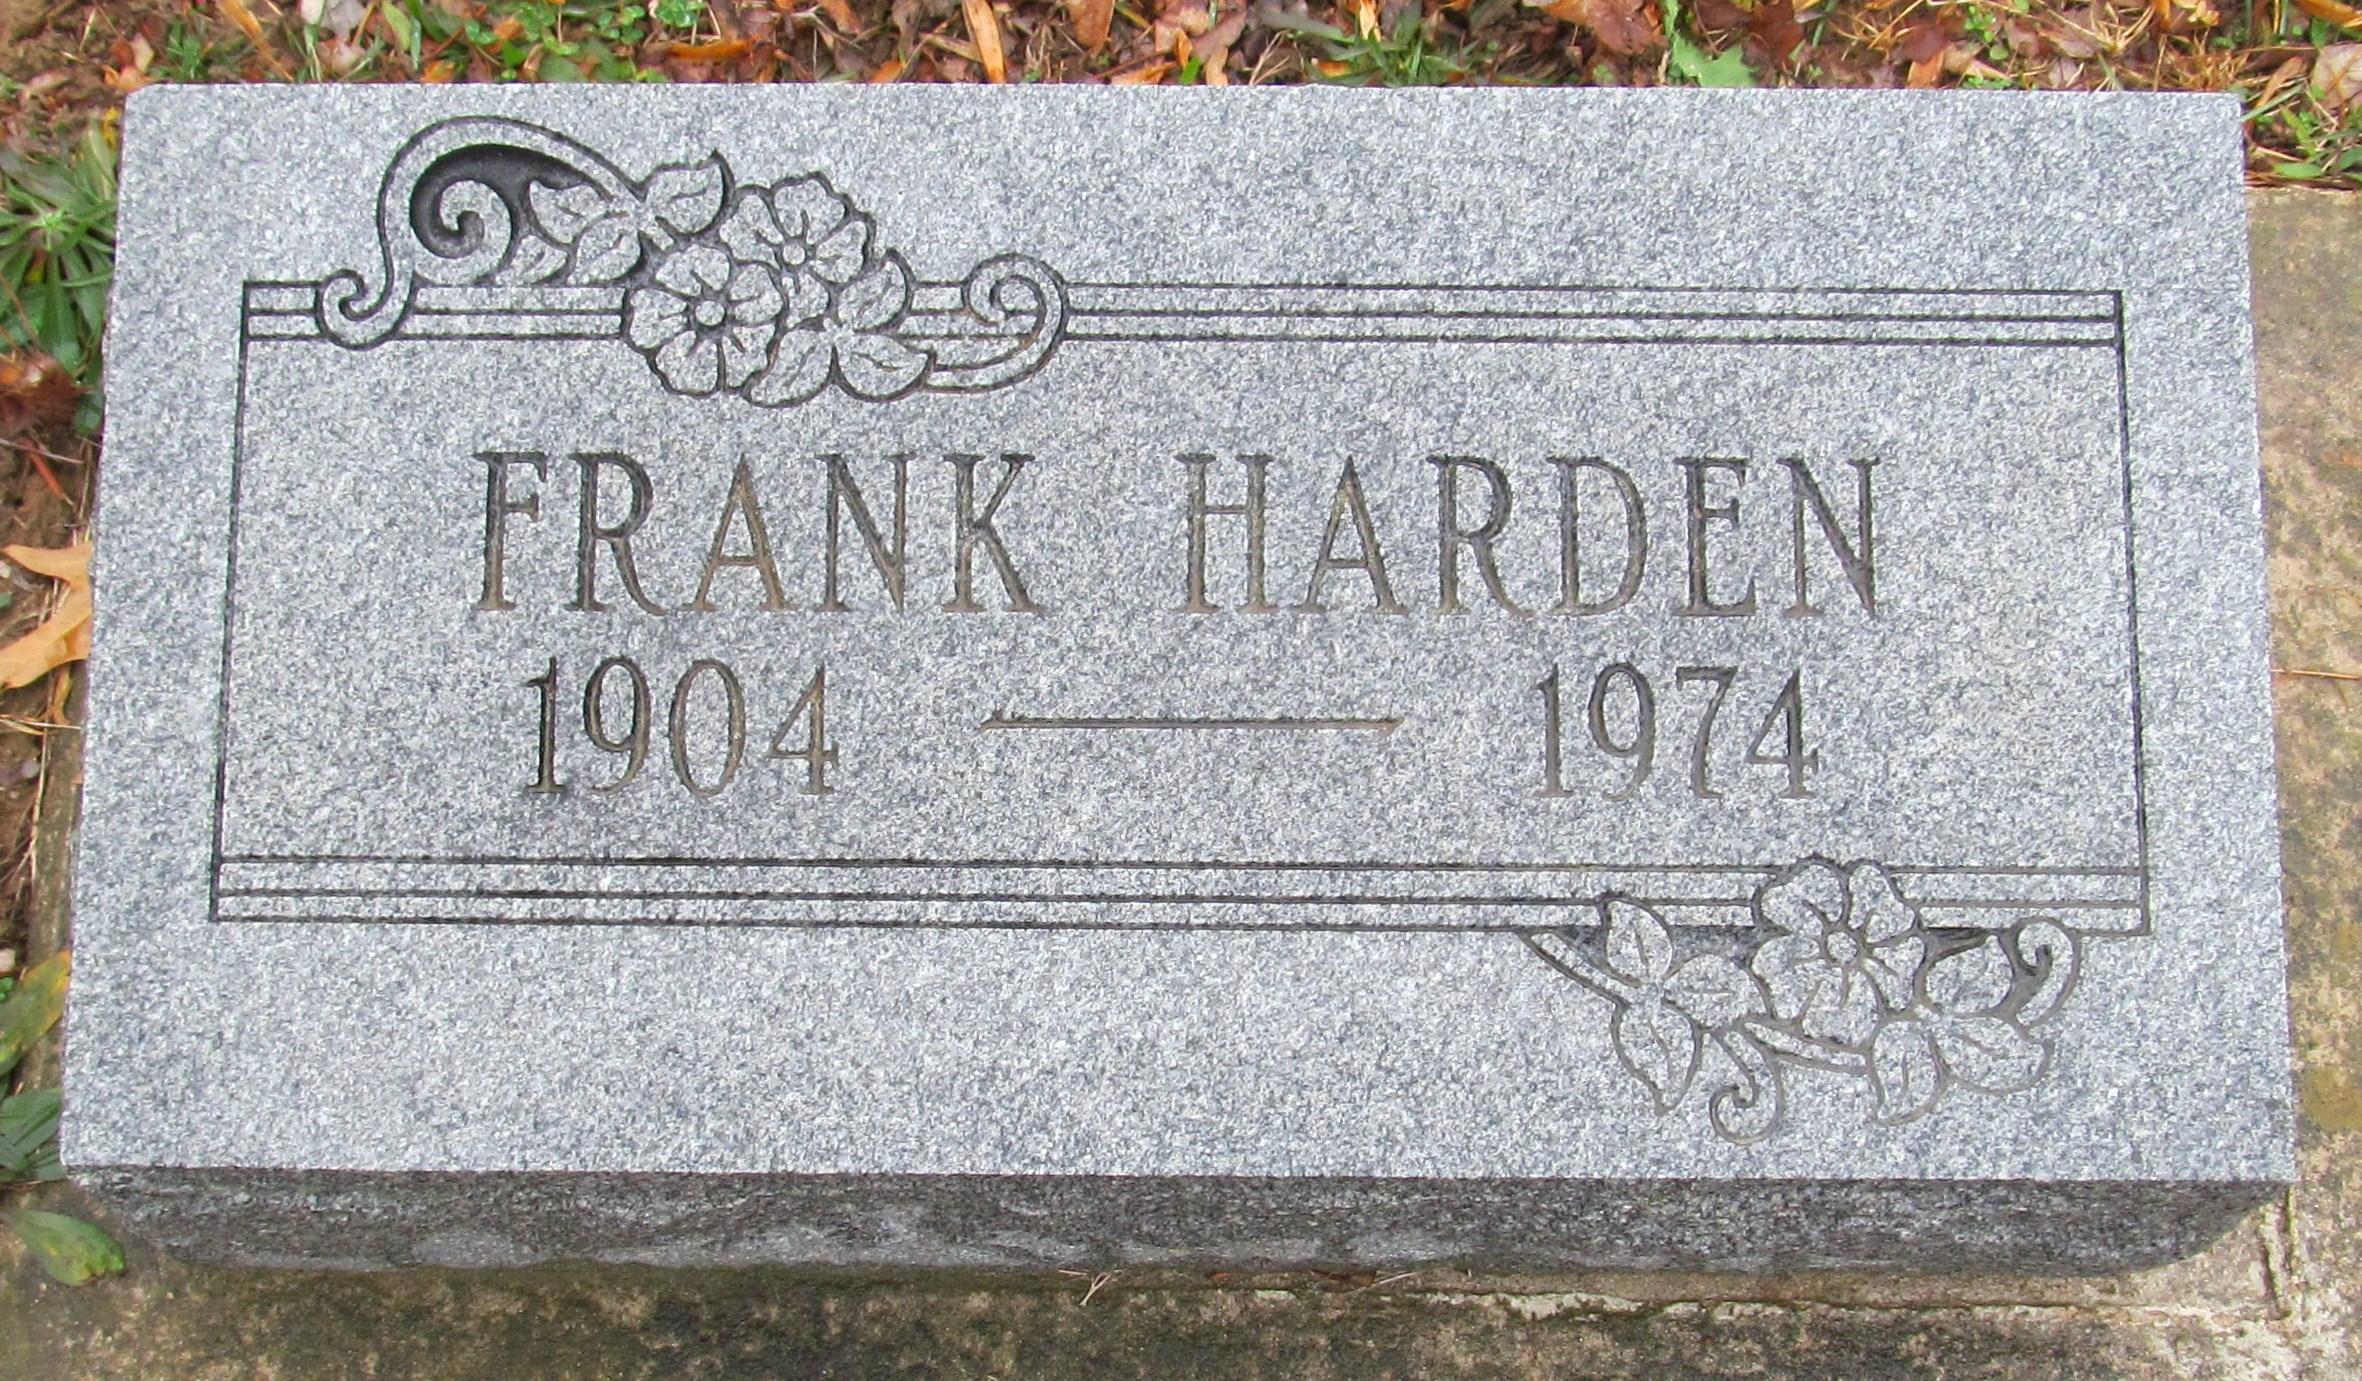 Frank Harden